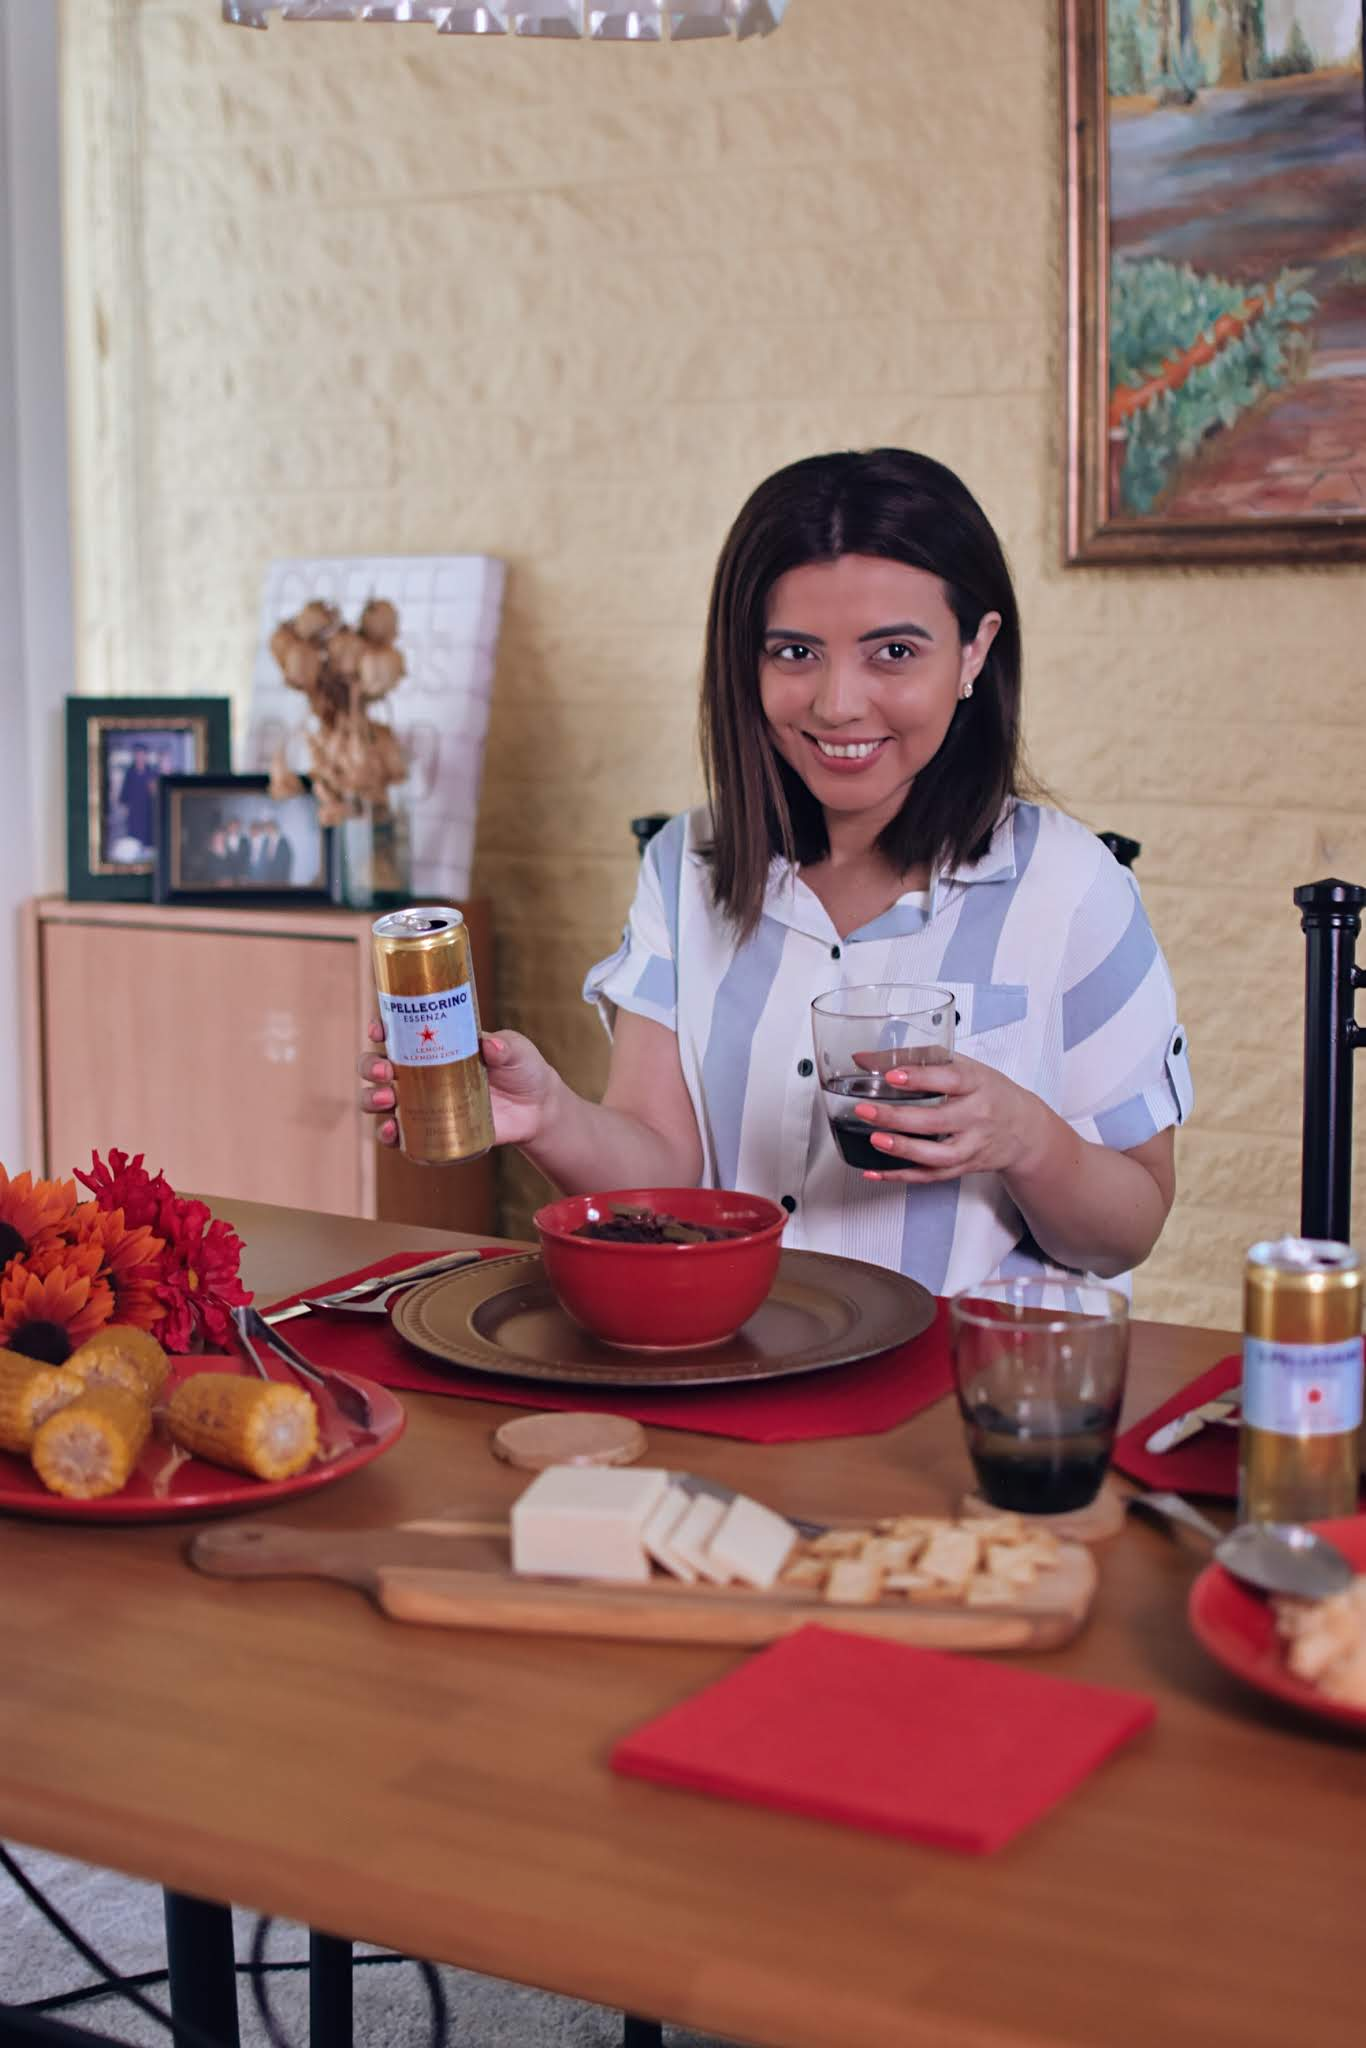 como hacer sopa de frijoles con carne - recetas salvadoreñas- life style- recetas-recetas de cocina-recetas de el salvador-platillo tipico-sopa de frijoles con costilla- sopa de frijoles-receta de El Salvador